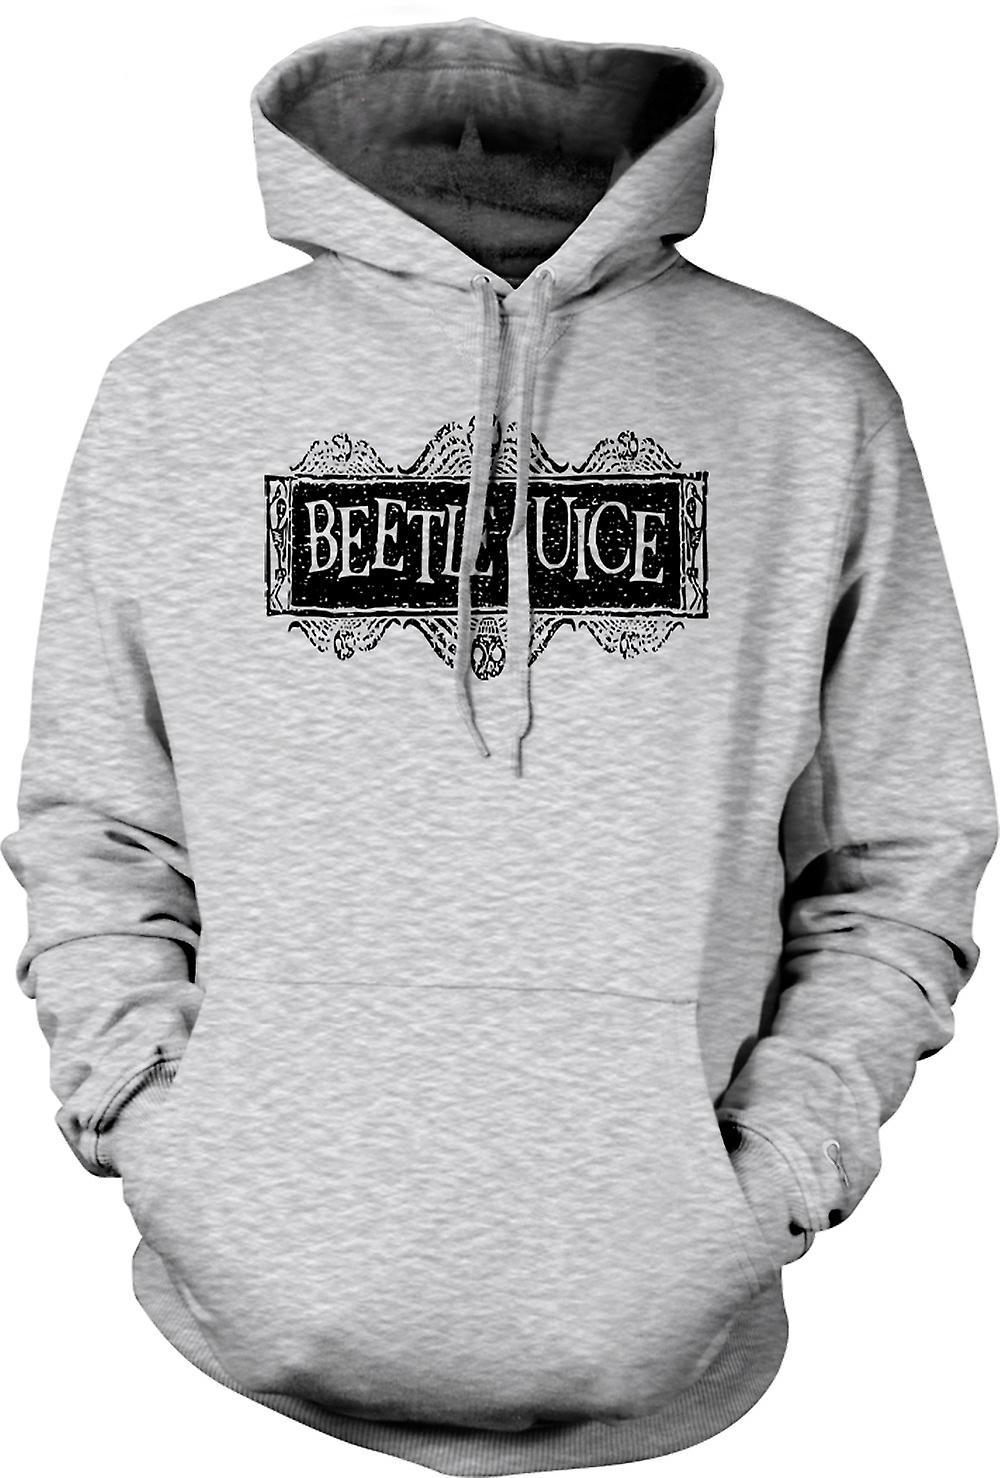 Mens Hoodie - Beetlejuice - Comedy - Horror - Funny